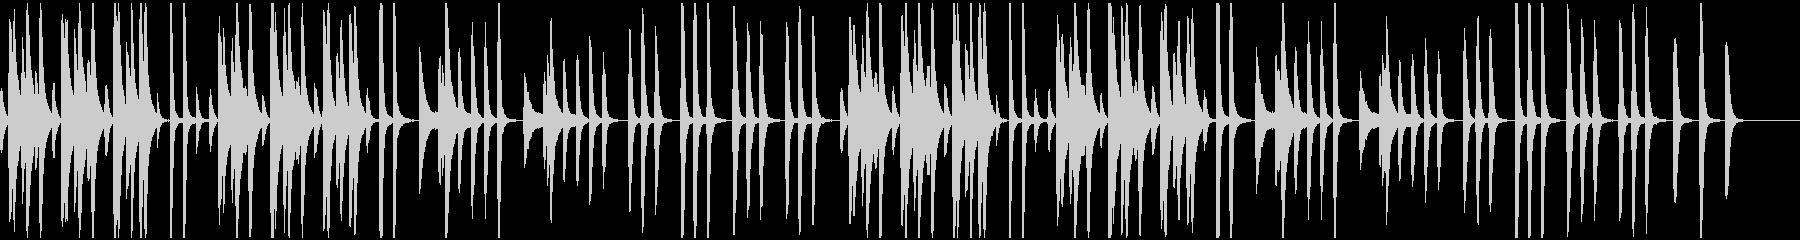 動物/ピアノ/まったりした日常BGMの未再生の波形